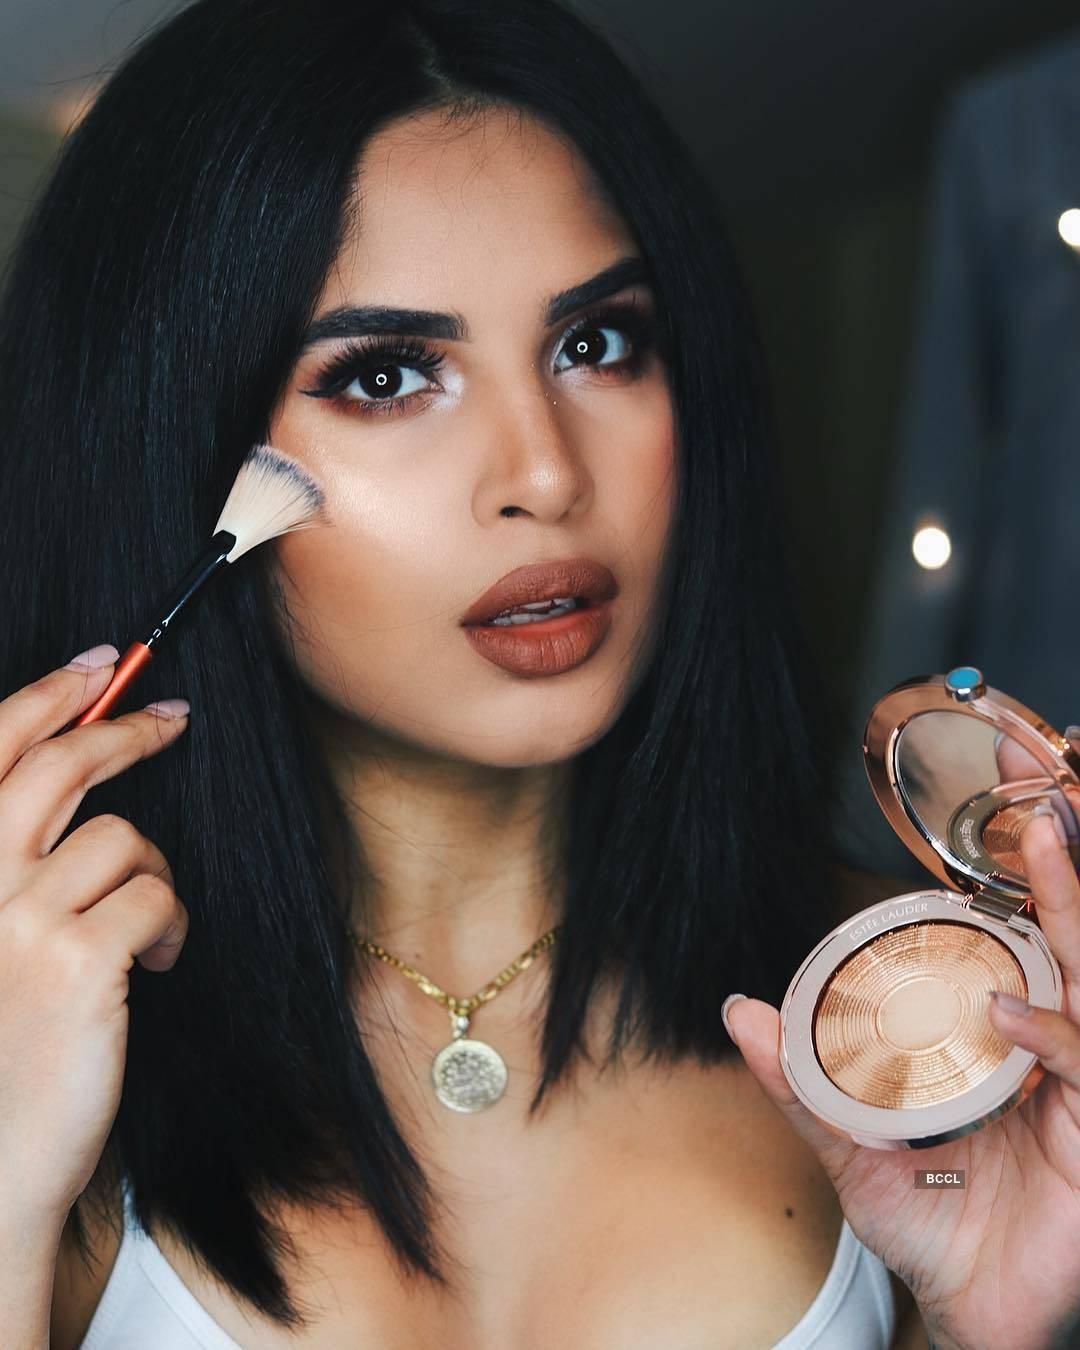 Fitness model Navpreet Banga rules Instagram